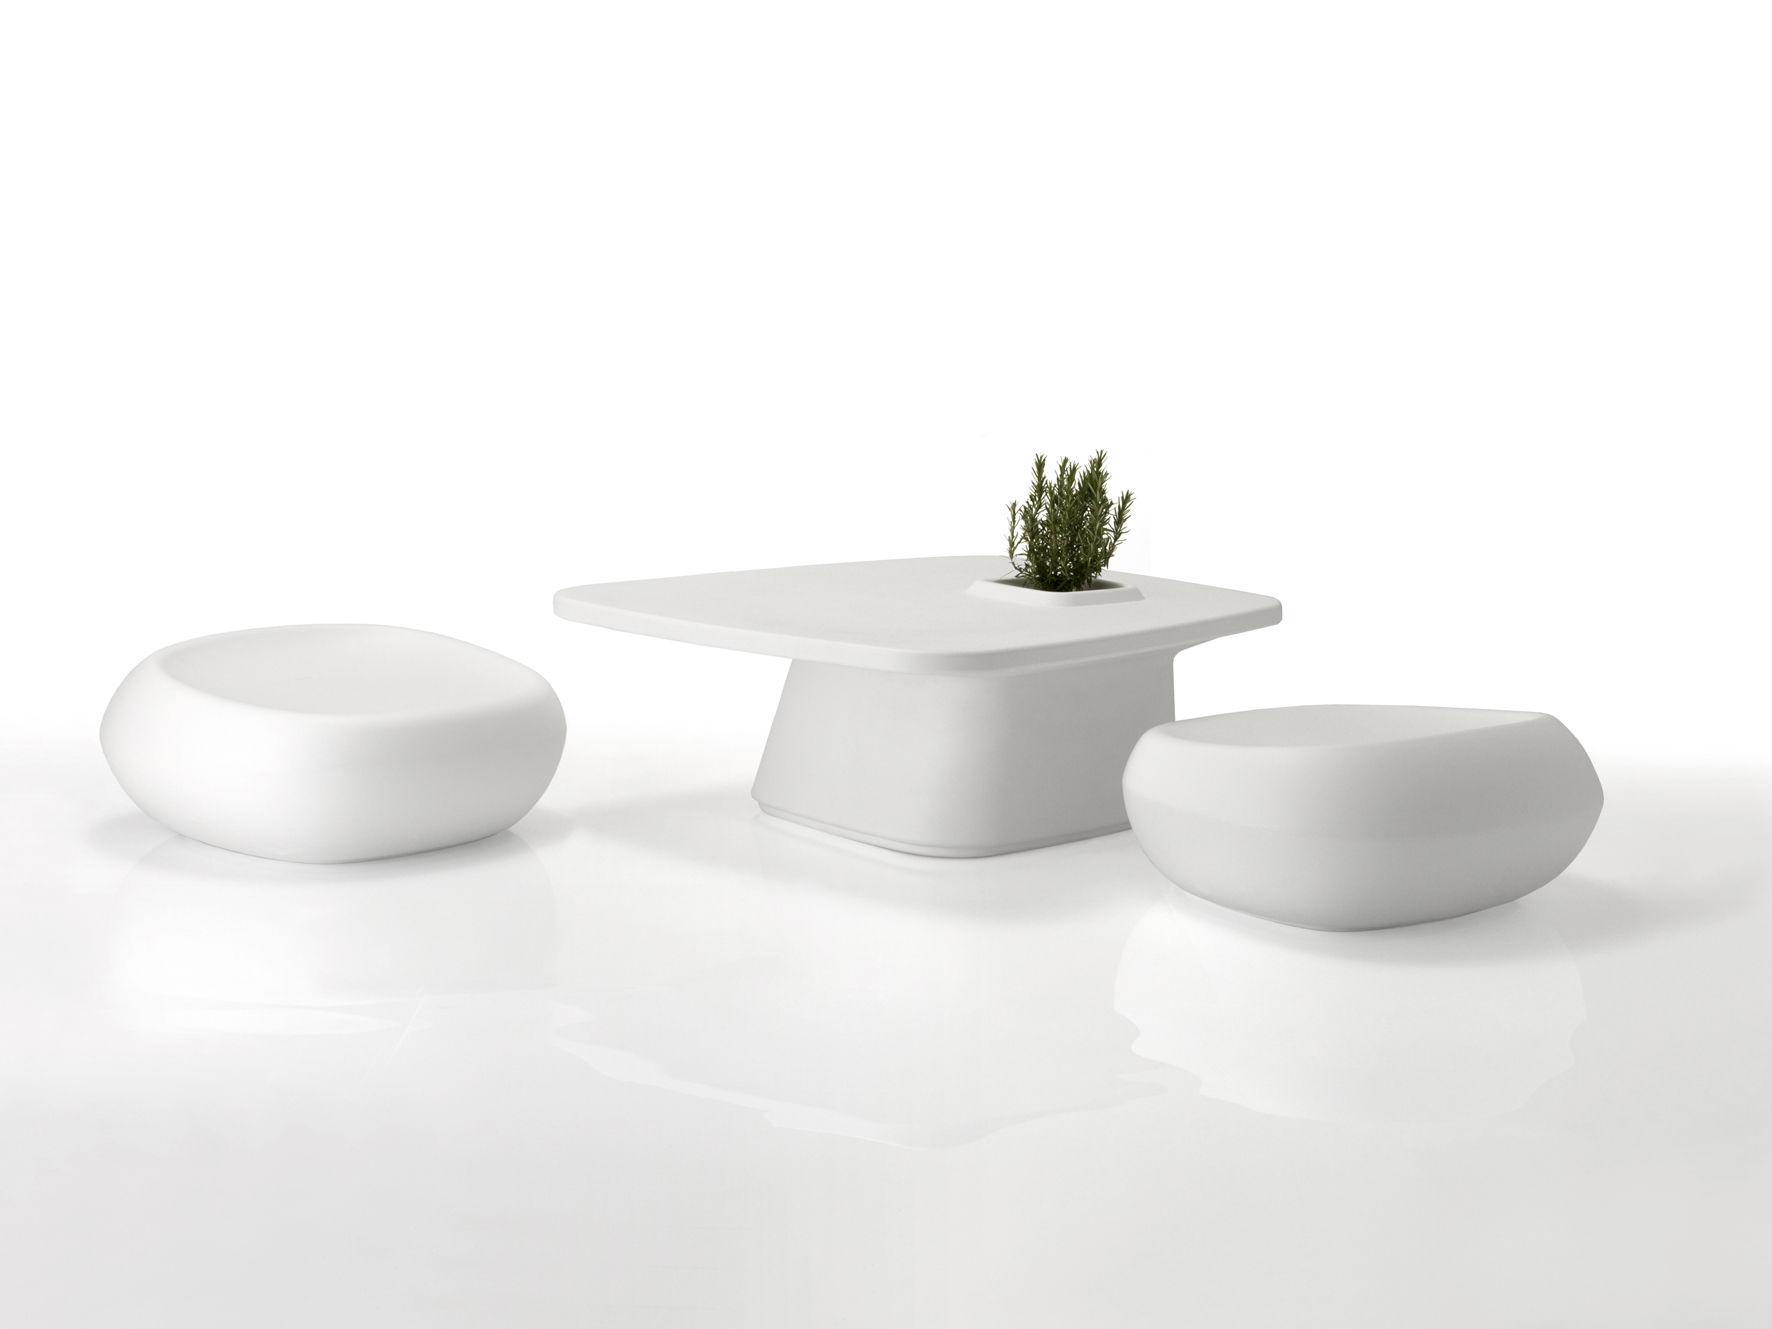 Gamme de meubles design Moma table basse et poufs Vondom